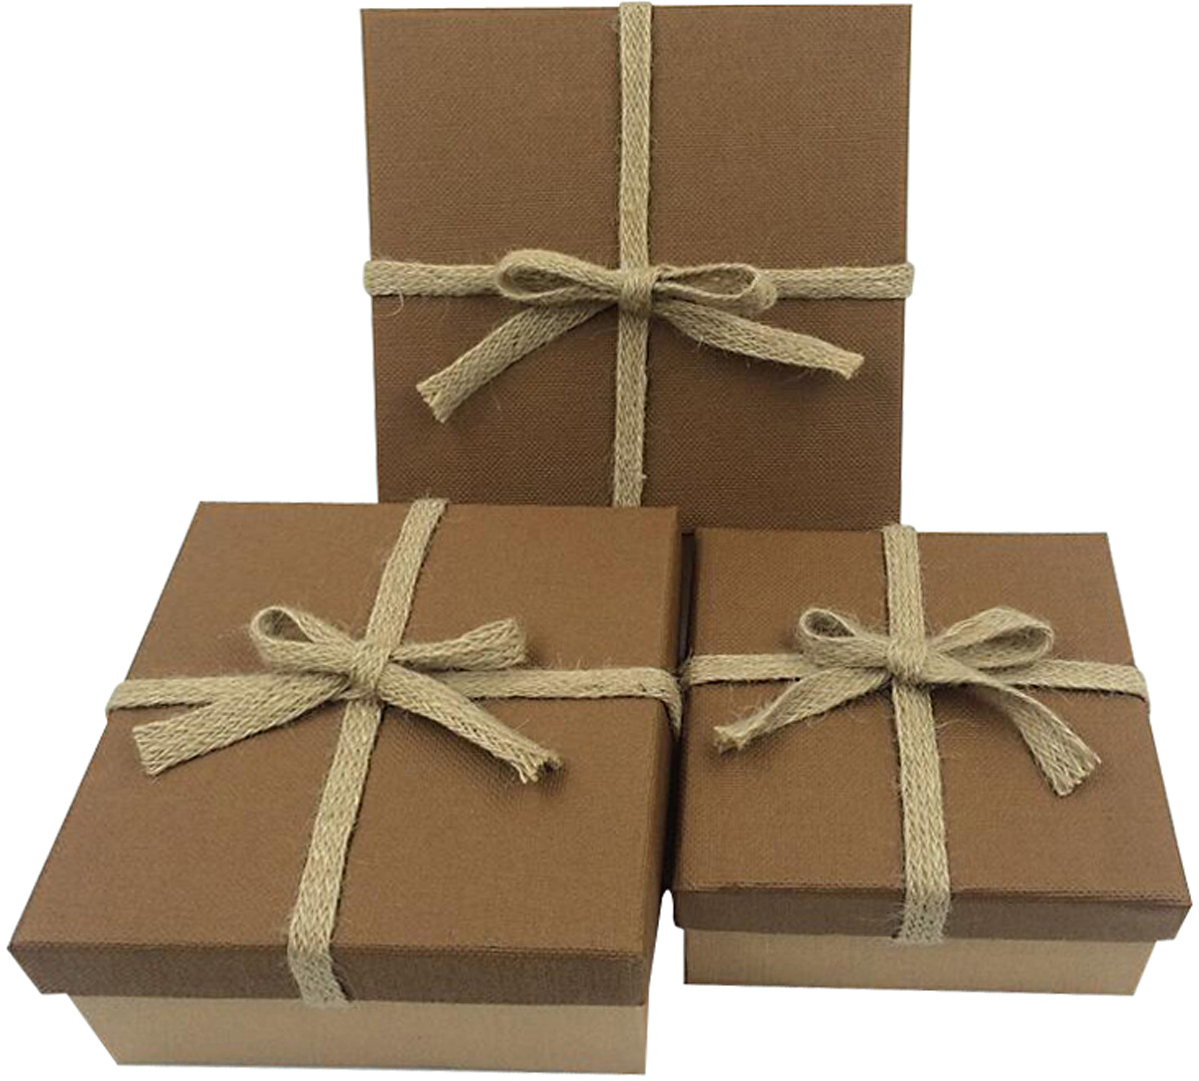 Набор подарочных коробок Veld-Co Молочный шоколад, 3 шт набор подарочных коробок veld co шоколад с магнитами цвет светло коричневый 3 шт